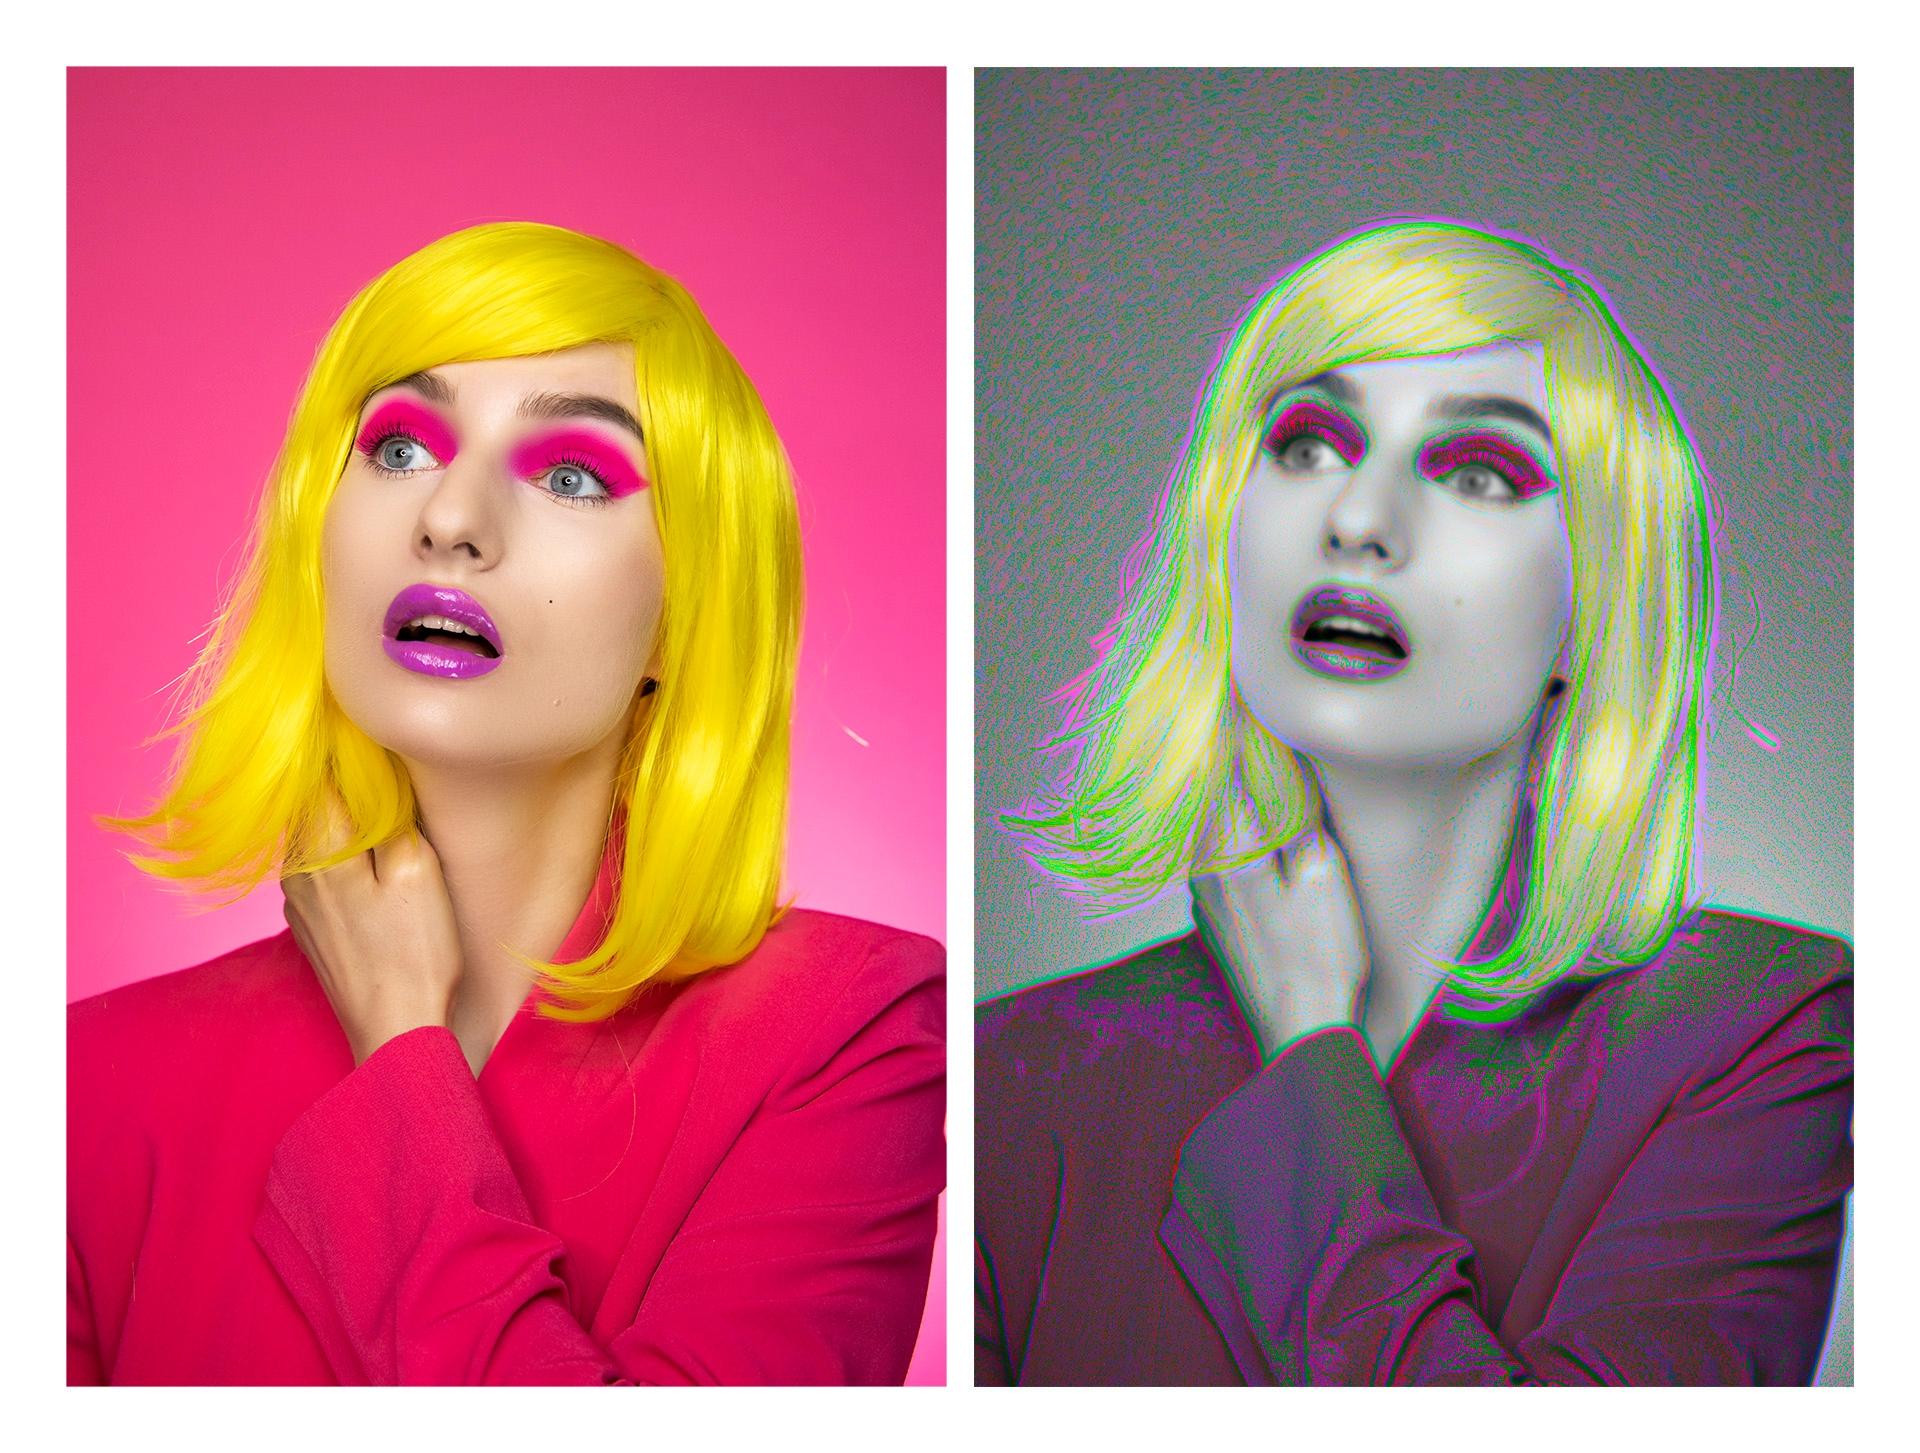 Obraz przedstawia dwa takie same portrety kobiety, z czego jeden z nich utrzymany jest w monochromatycznej tonacji.